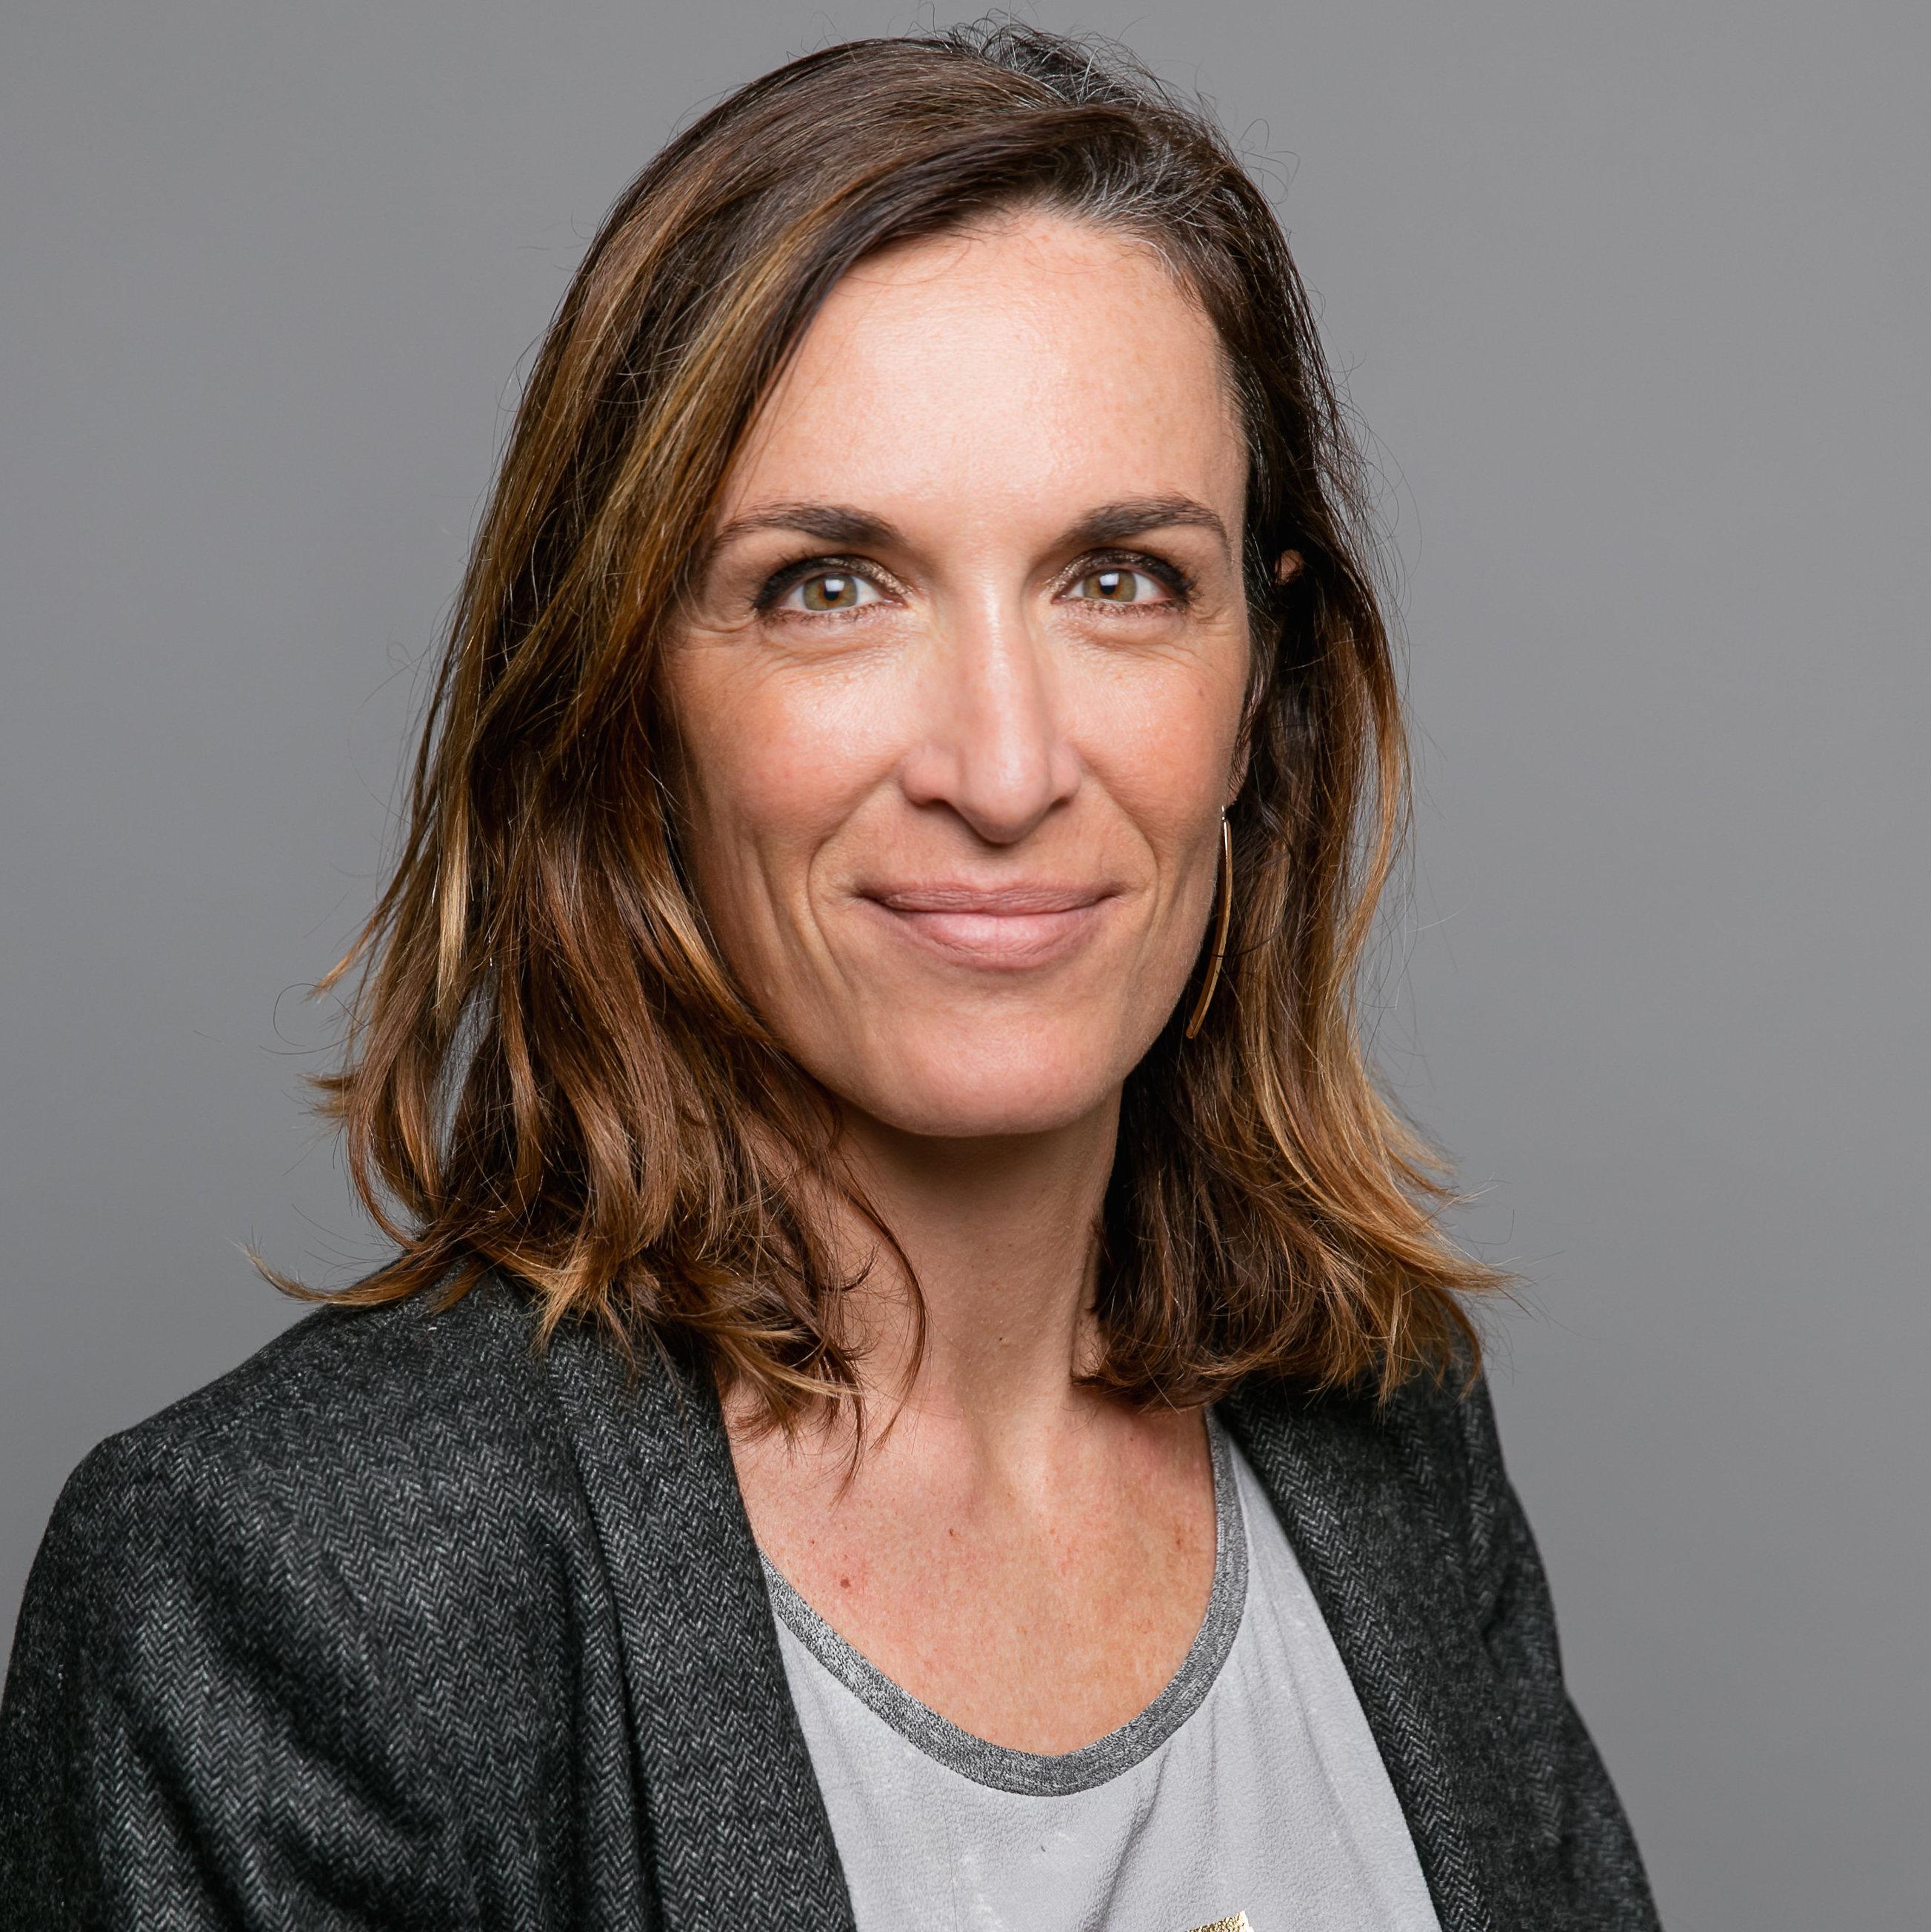 Julie Chalmette